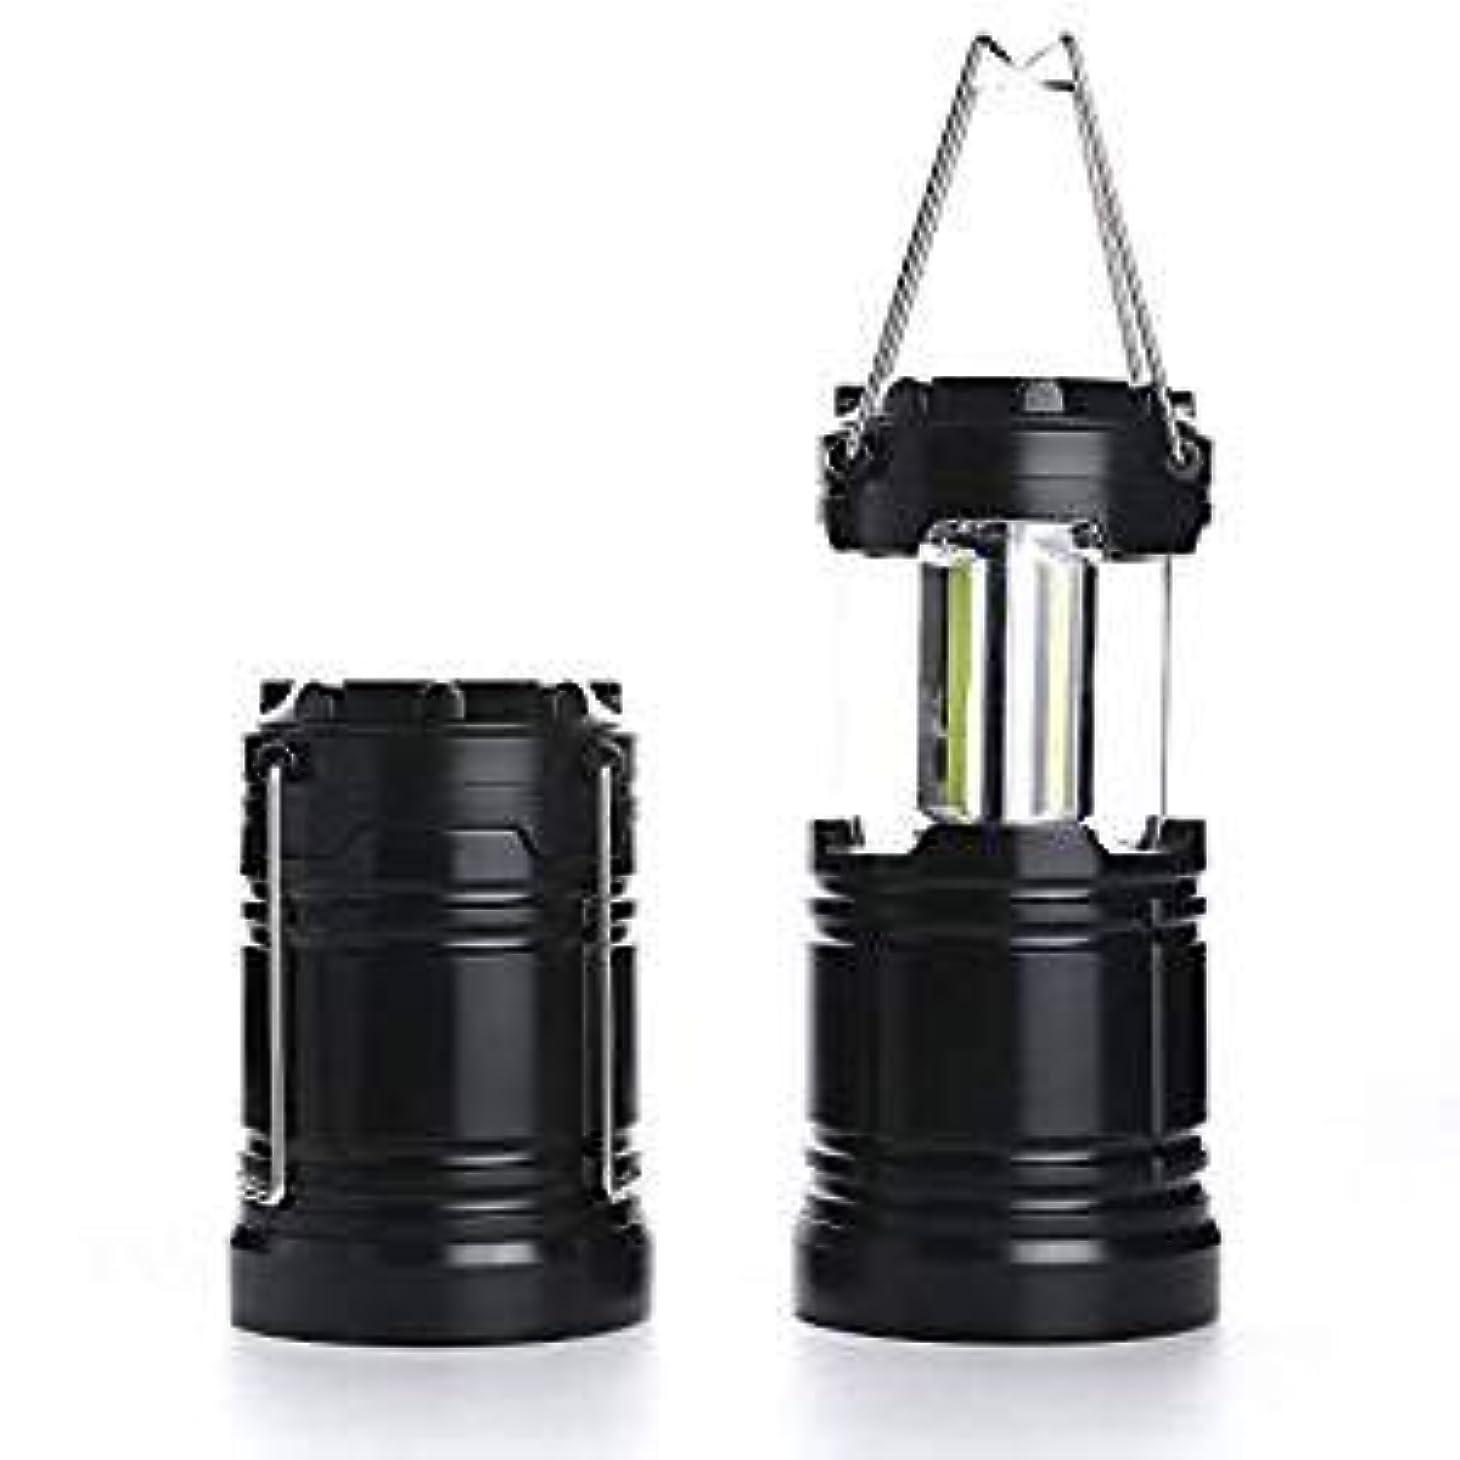 パイロットオーバーラン郊外ASBY LEDランタン 明るい 携帯型 折り畳み式 ポータブル テントライト 防水仕様 防災対策 登山 夜釣り ハイキング アウトドア キャンプ用